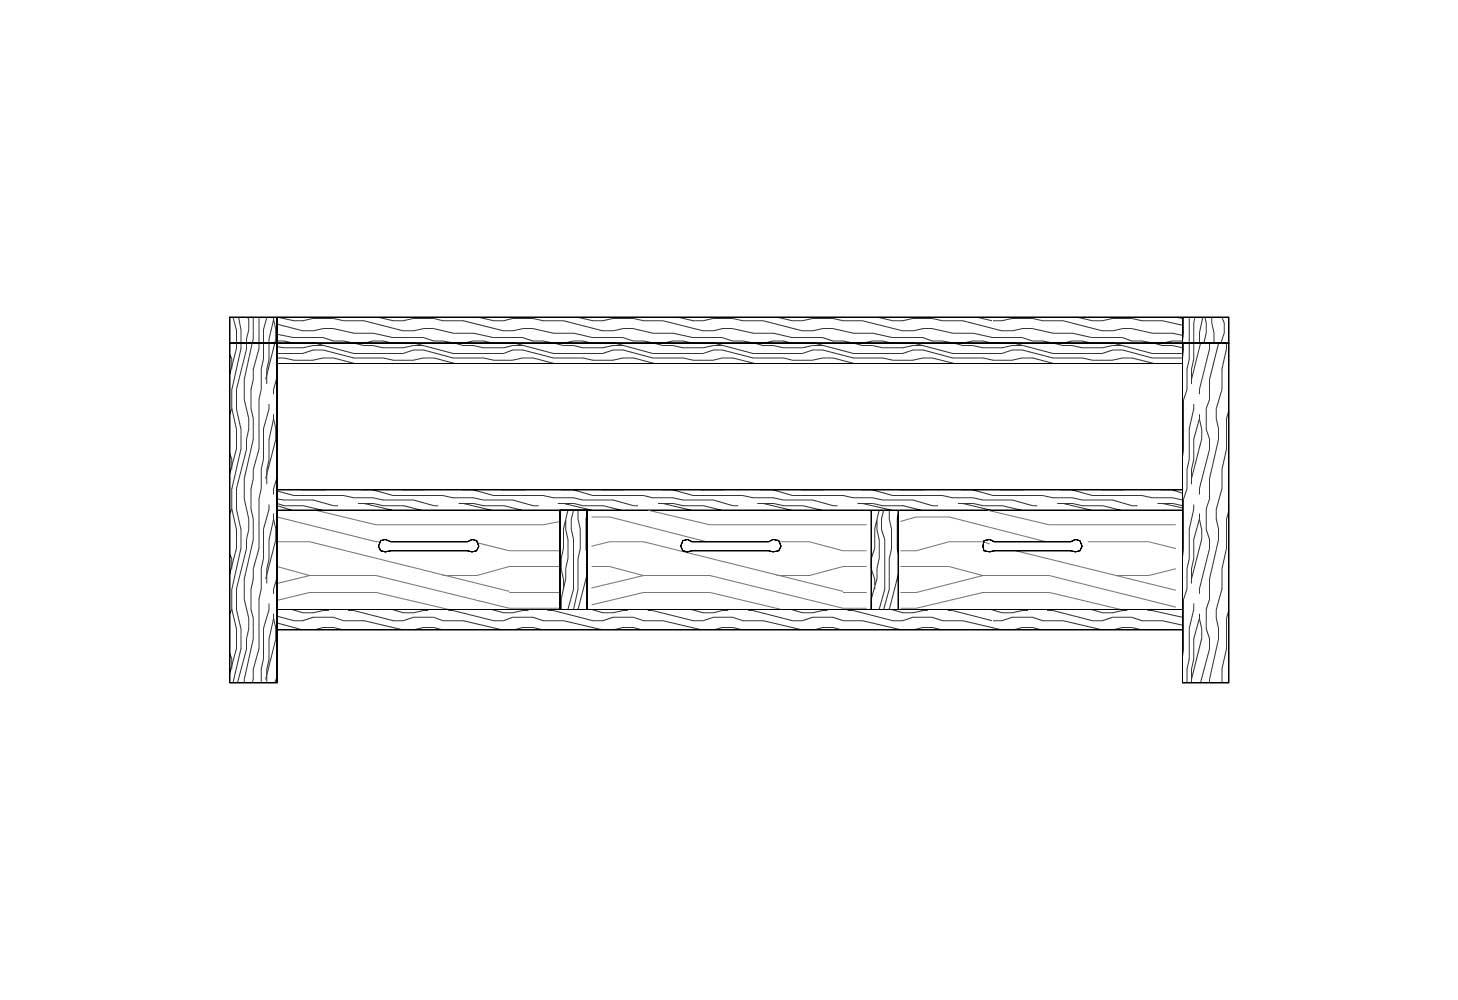 mobiletv-150-disegno